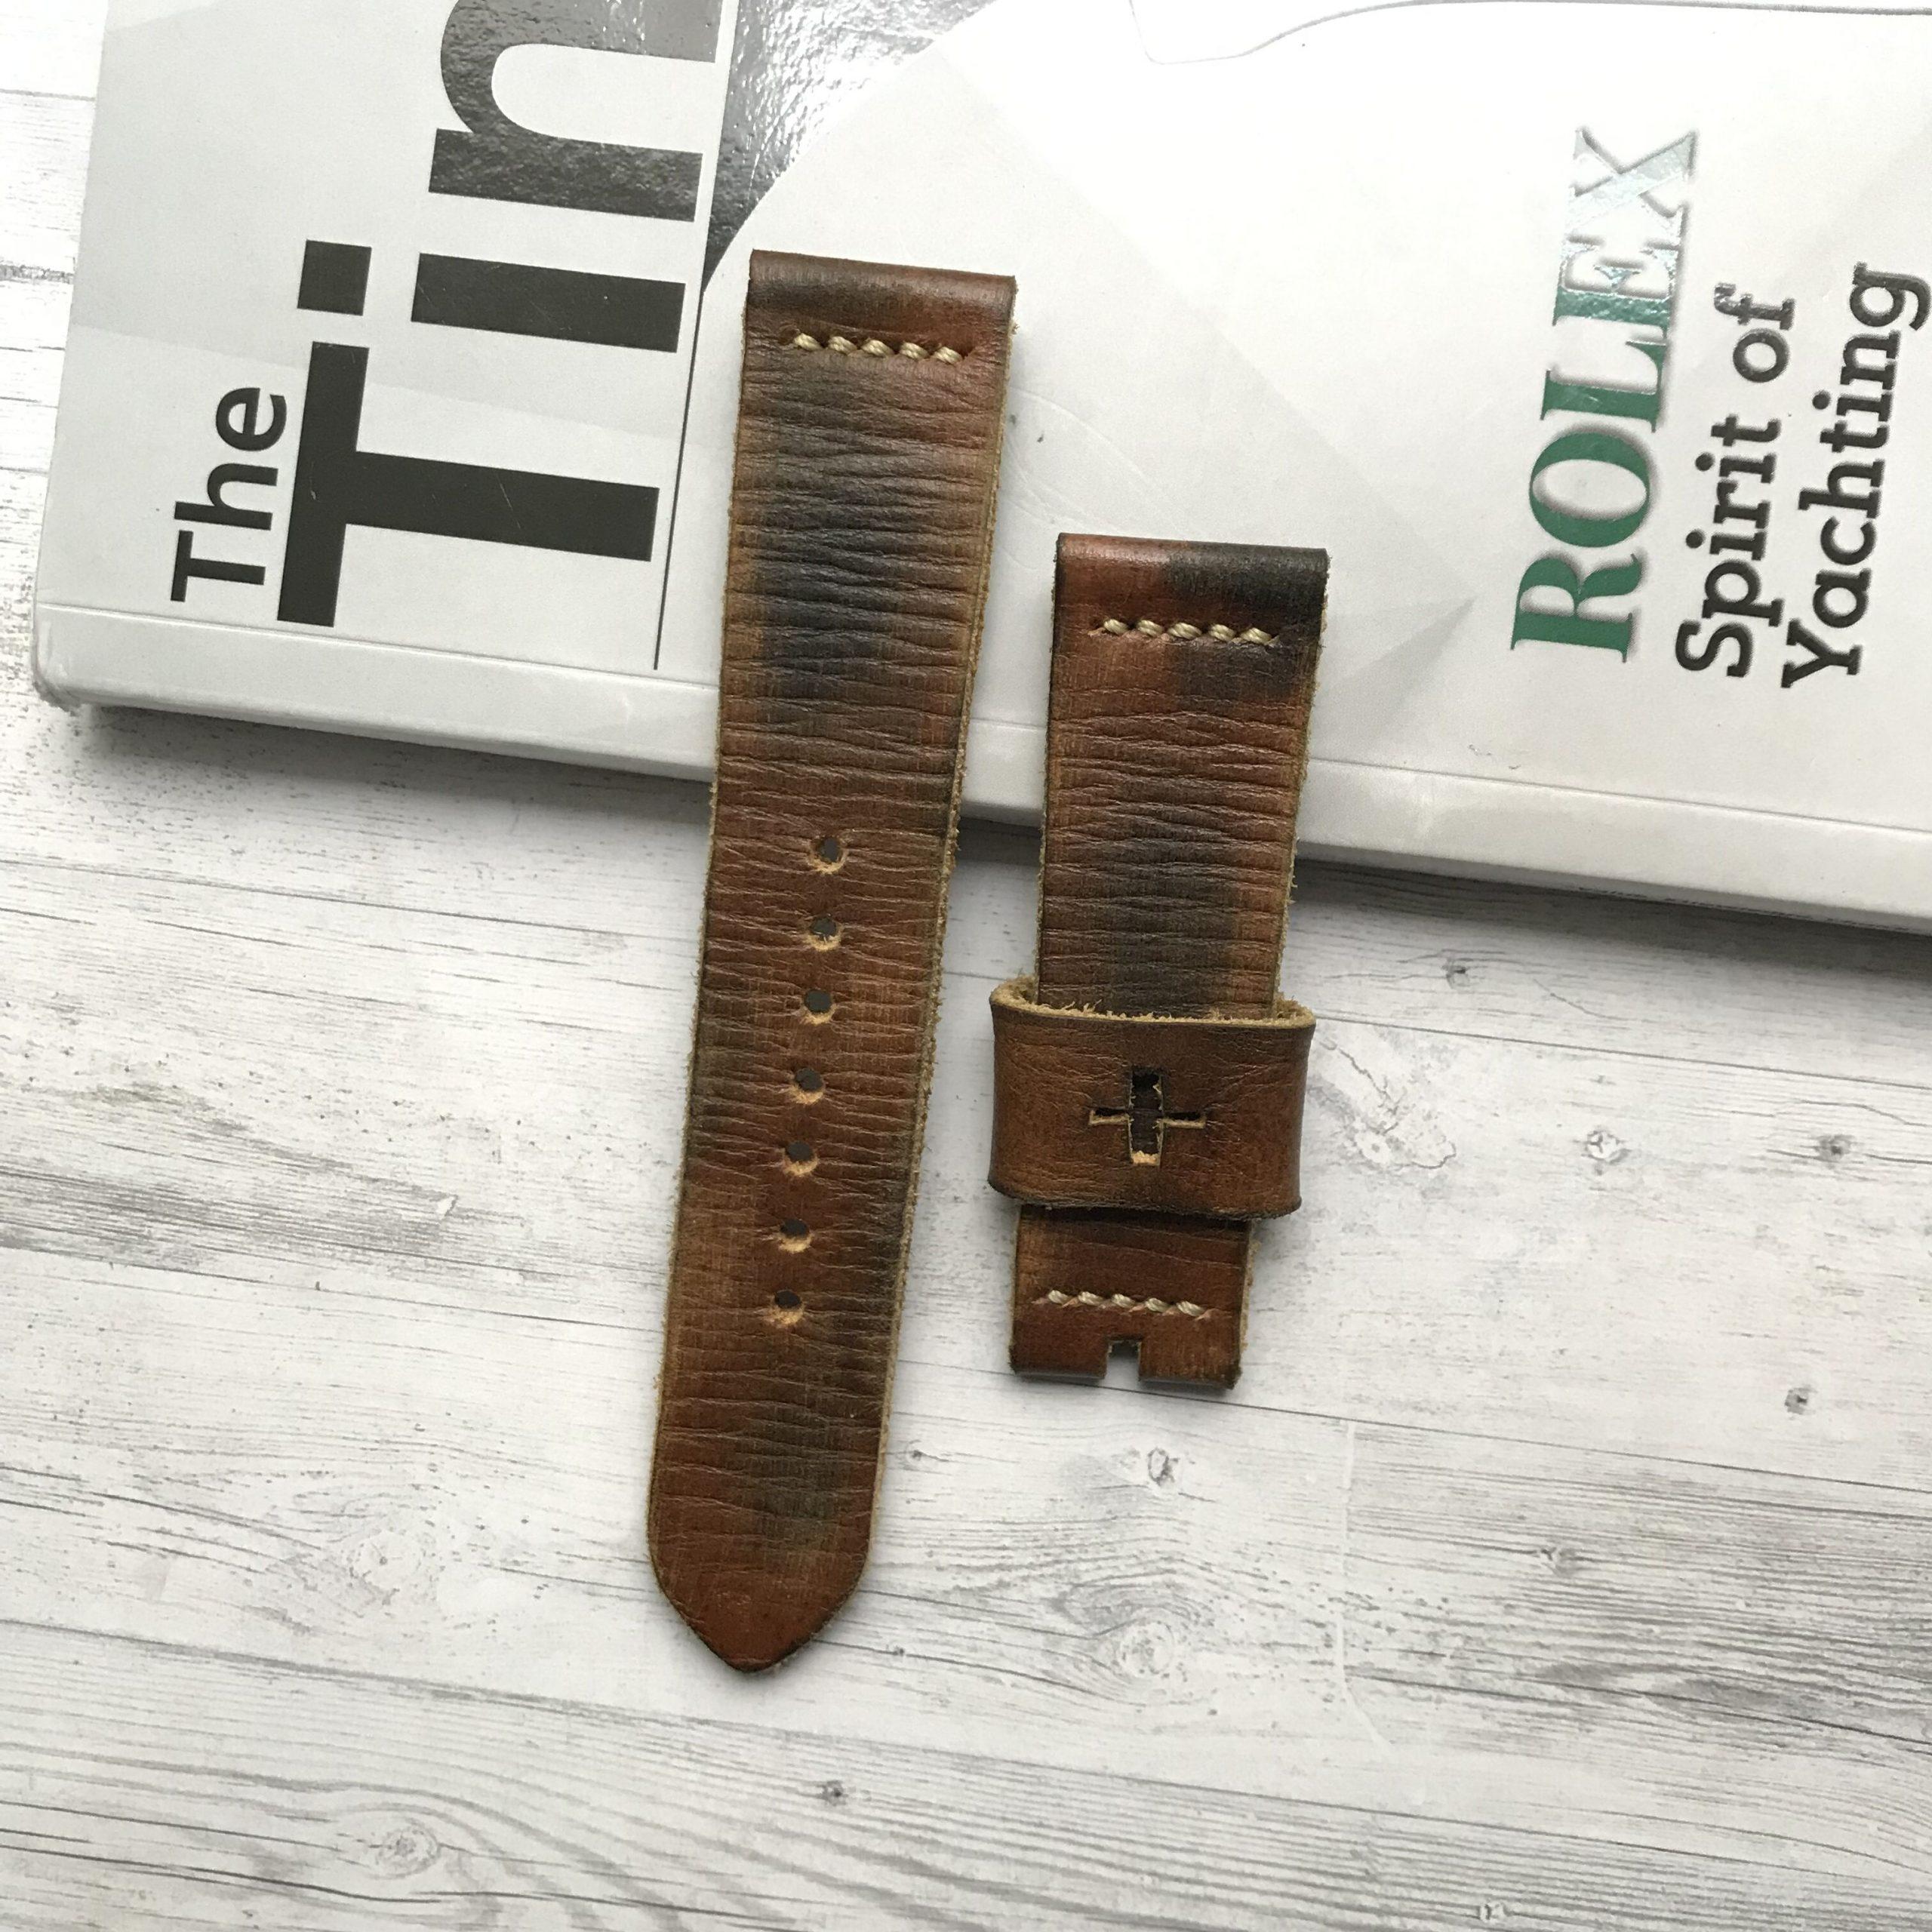 porteur-straps-minimalist-cider-strapsonly